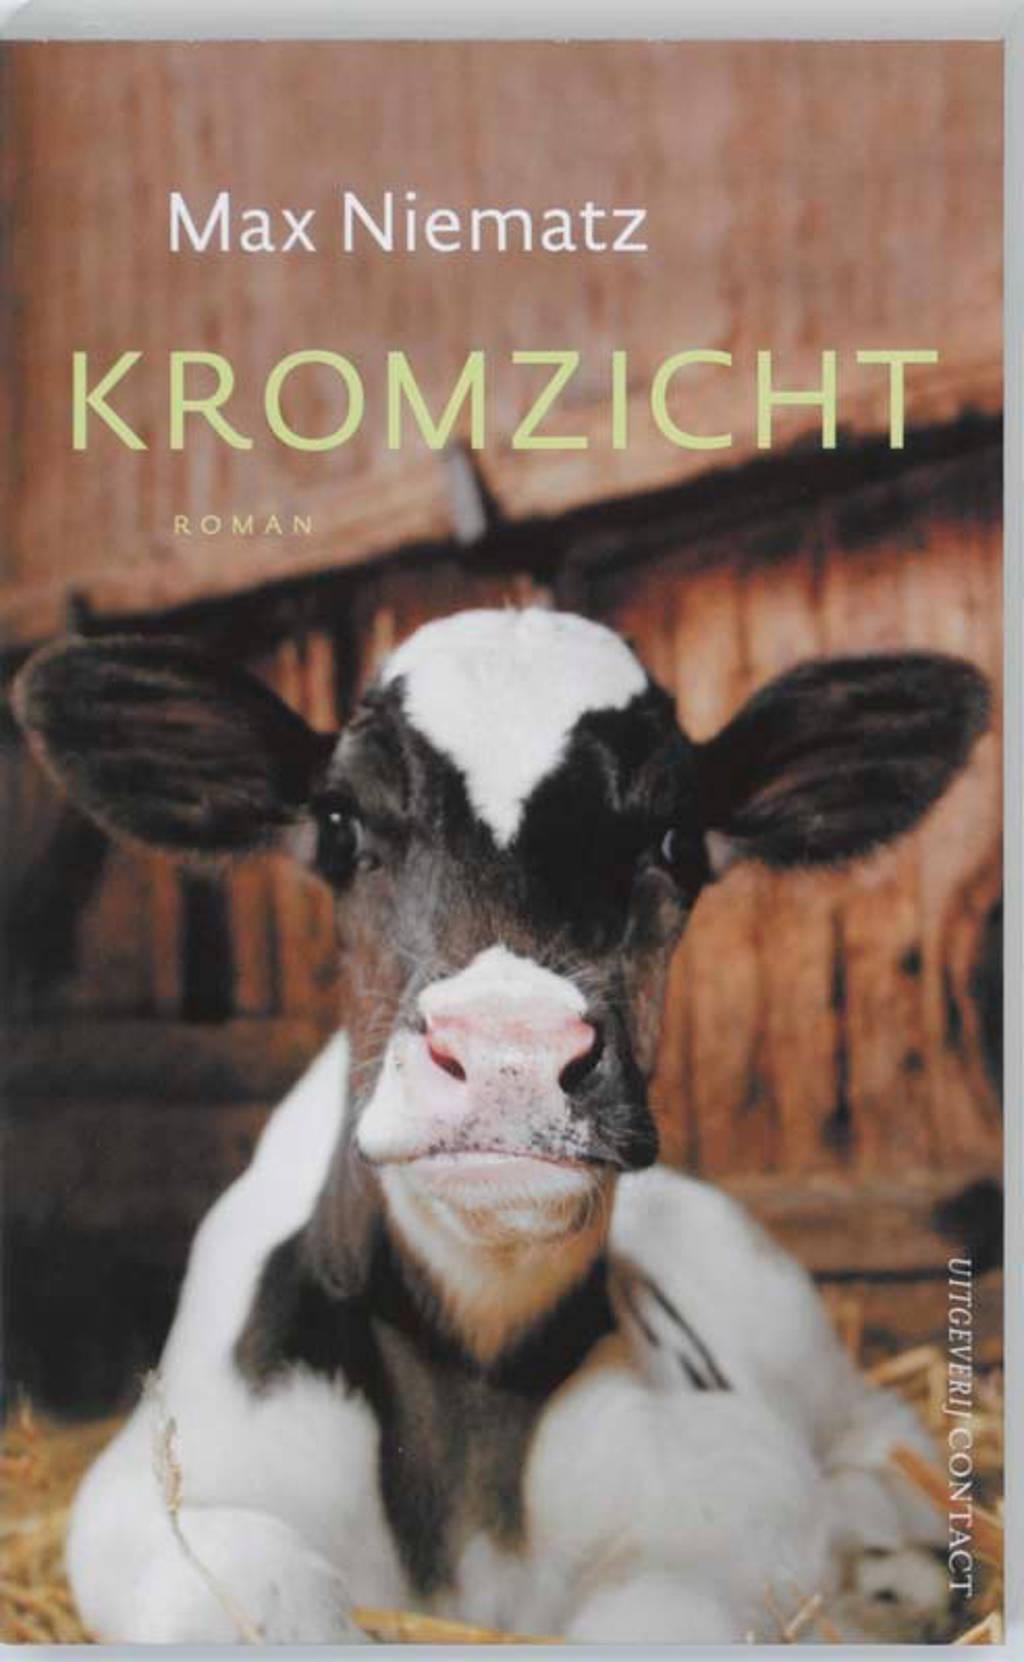 Kromzicht - Max Niematz